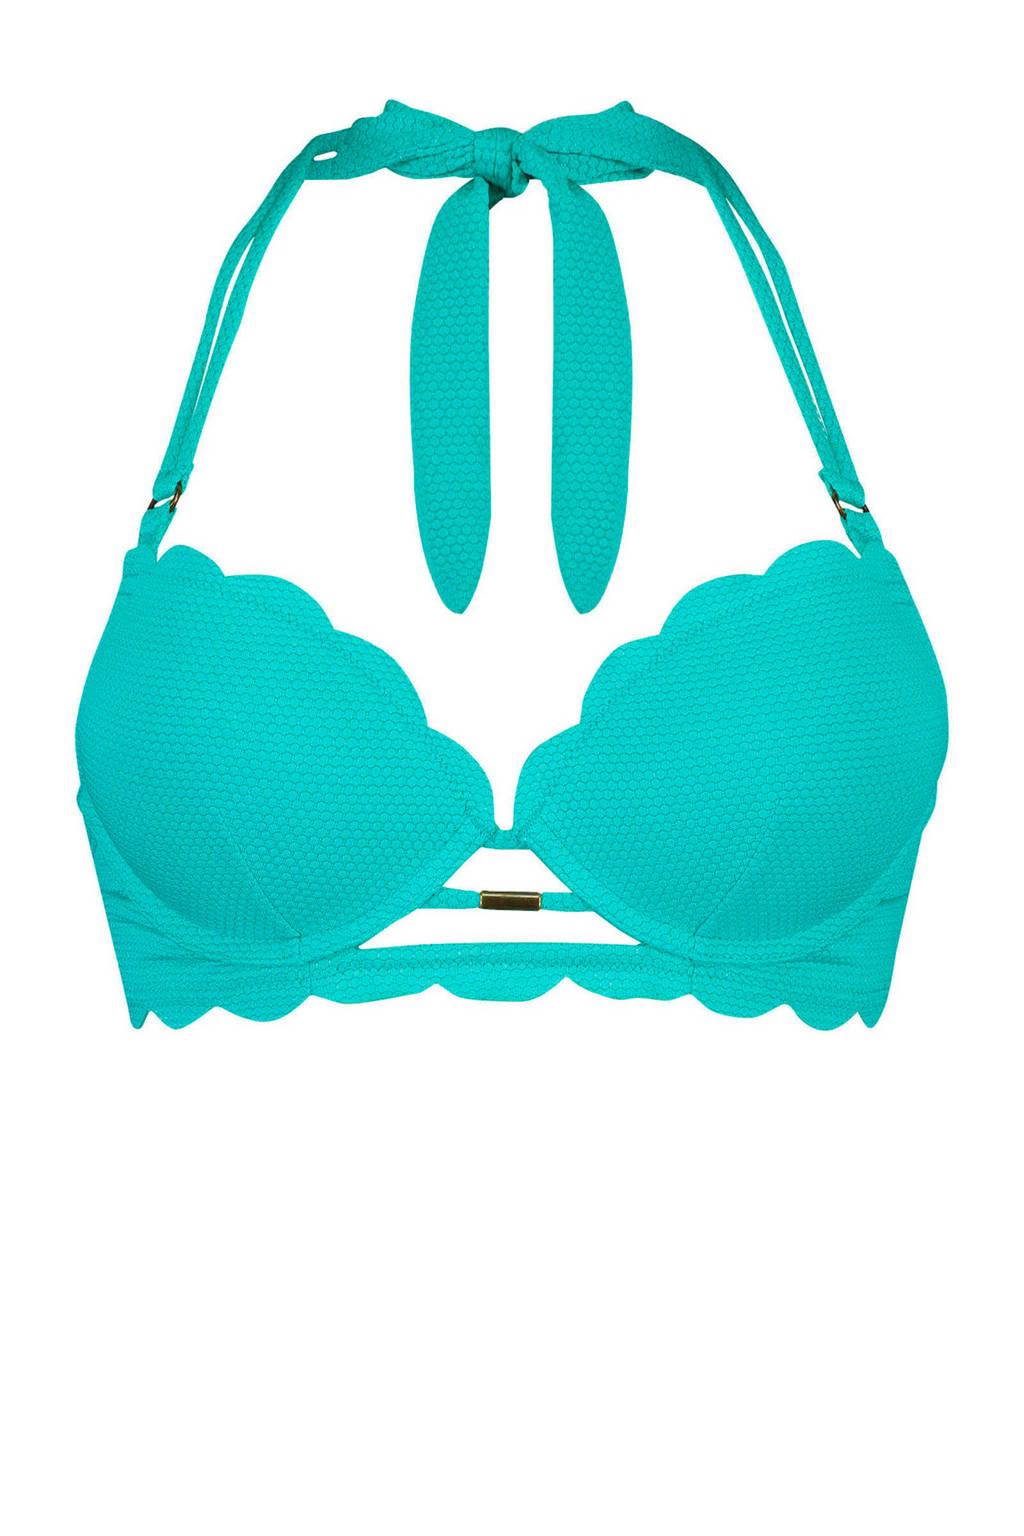 Hunkemöller voorgevormde push-up beugel bikinitop Scallop dreams aqua blauw, Aqua blauw